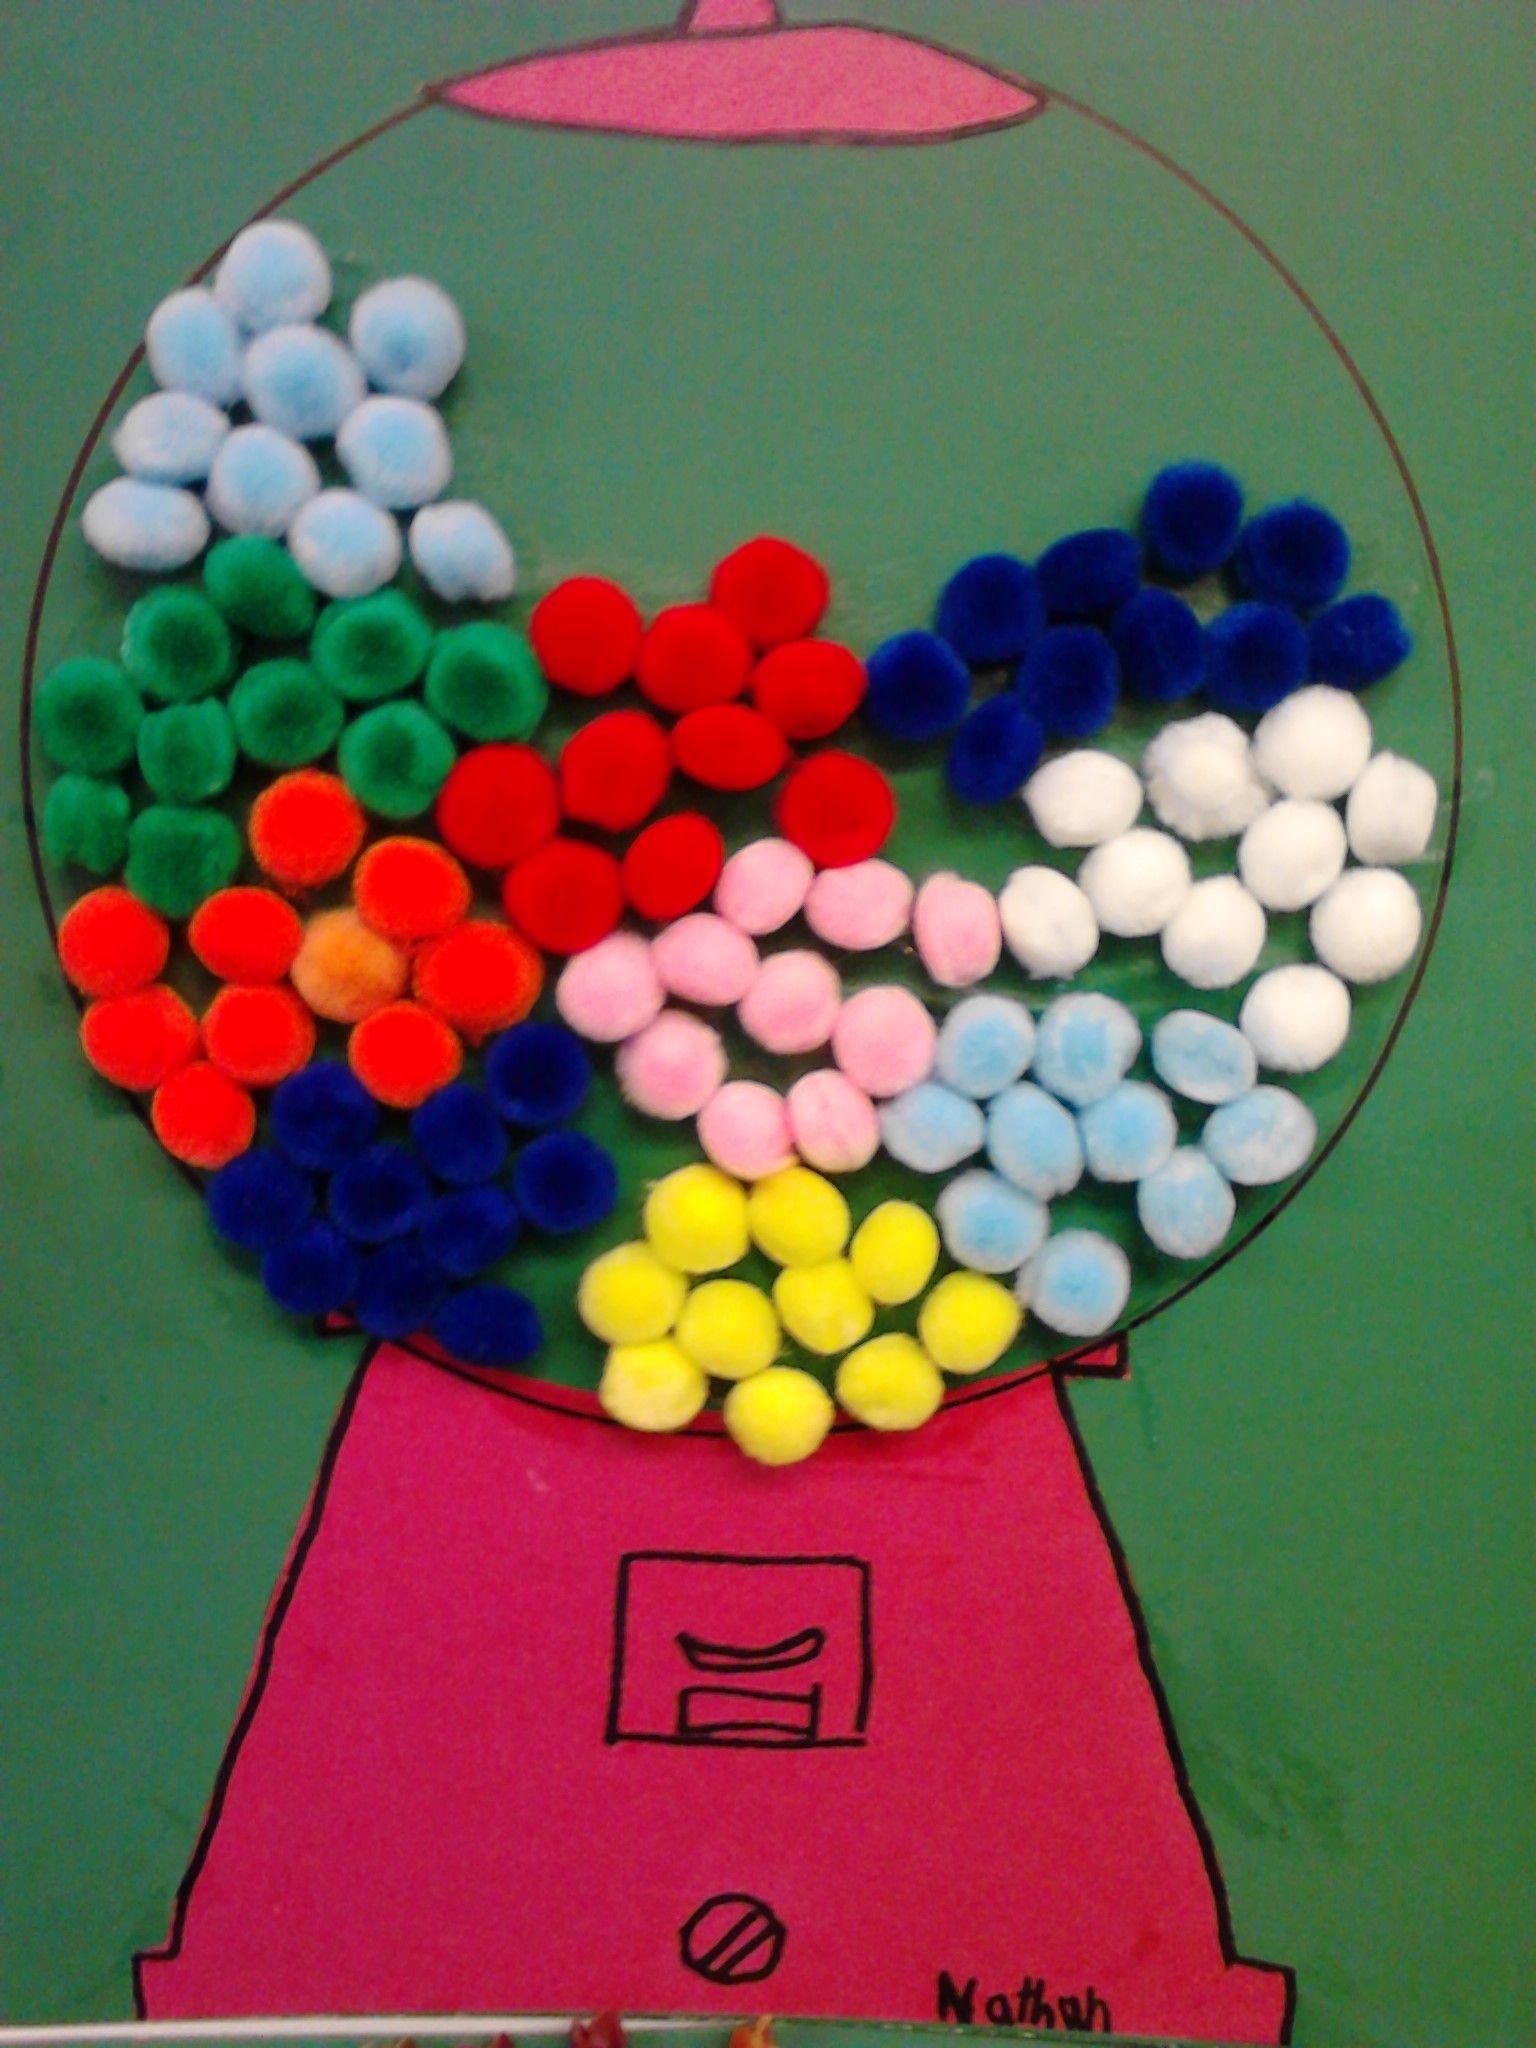 54577a911d9d9ecd1b73bcc98e0df401 - 100 Day Project Kindergarten